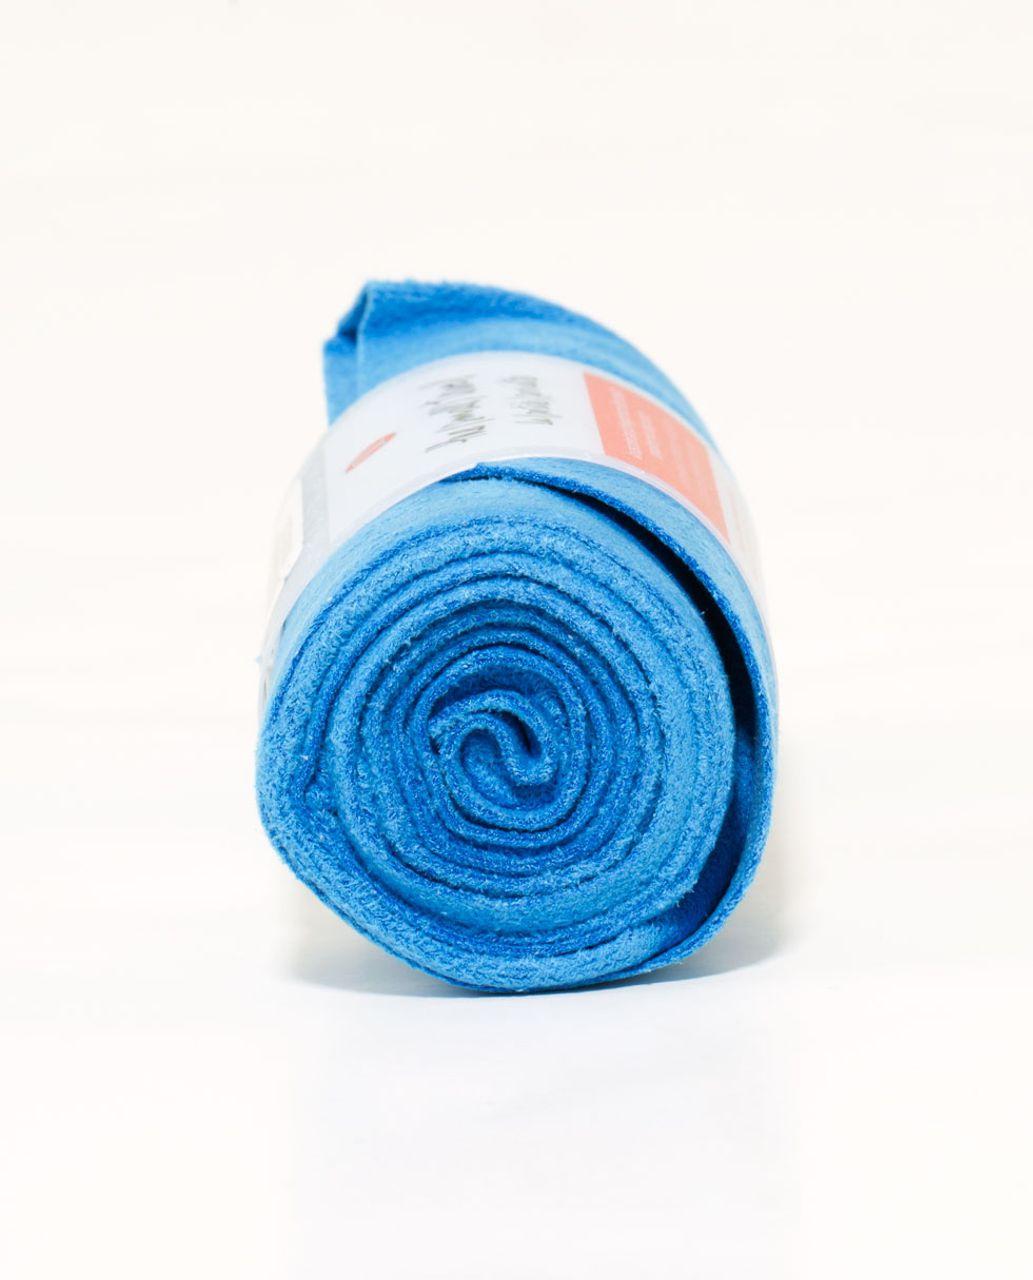 Lululemon The (Small) Towel - Cornflower